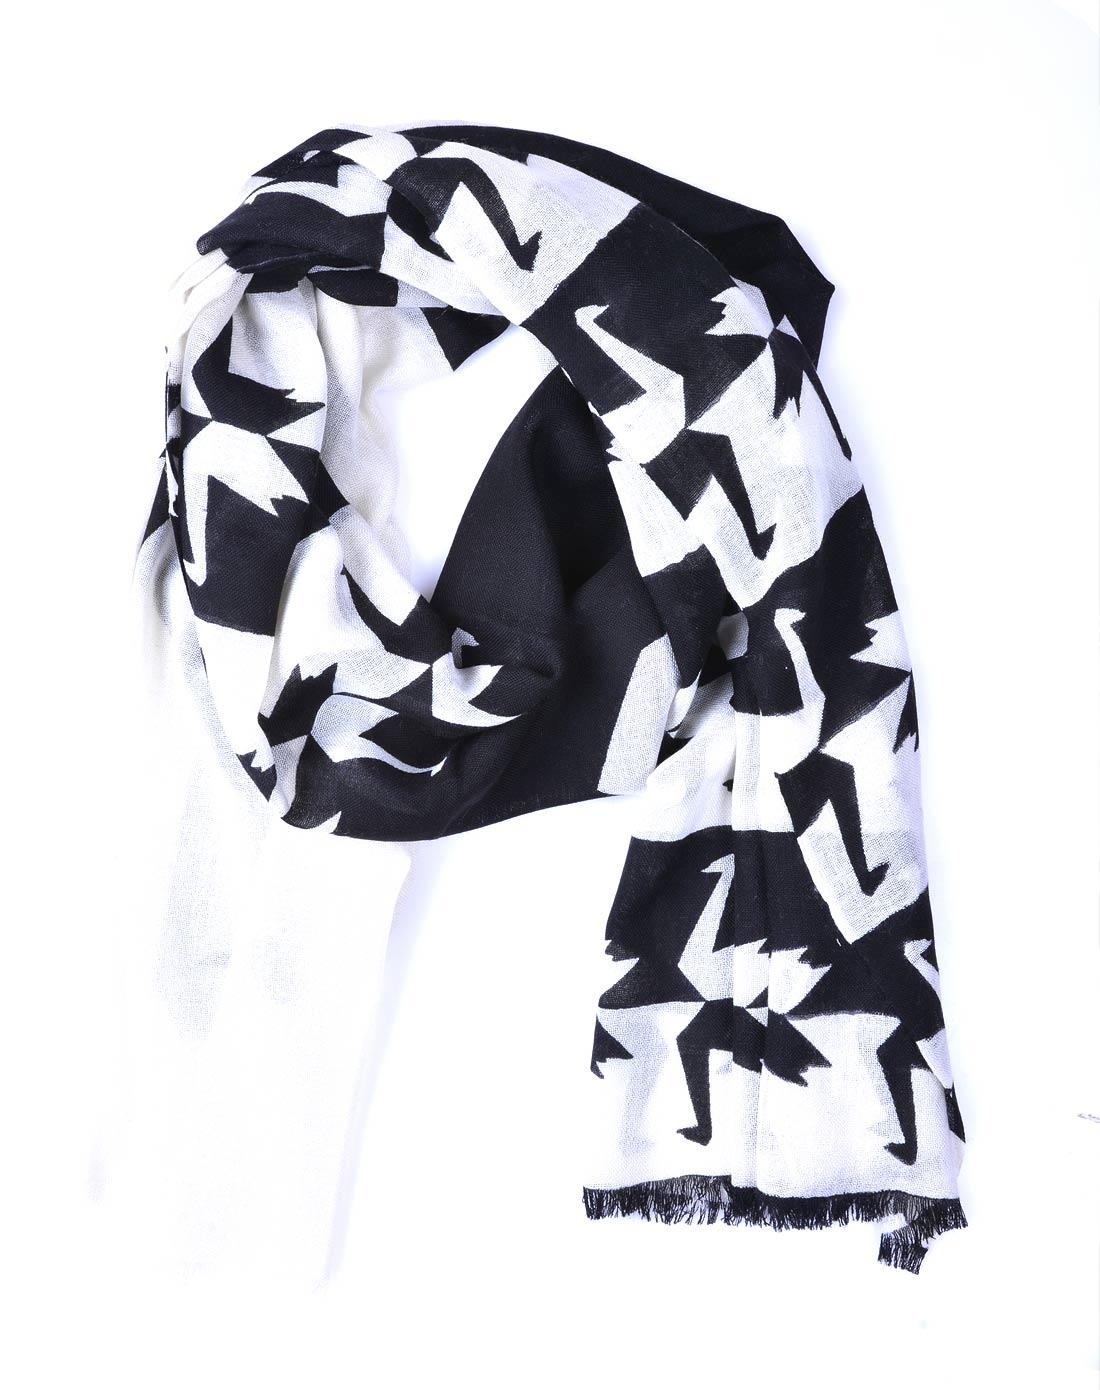 中性黑白天鹅印花羊毛围巾黑色